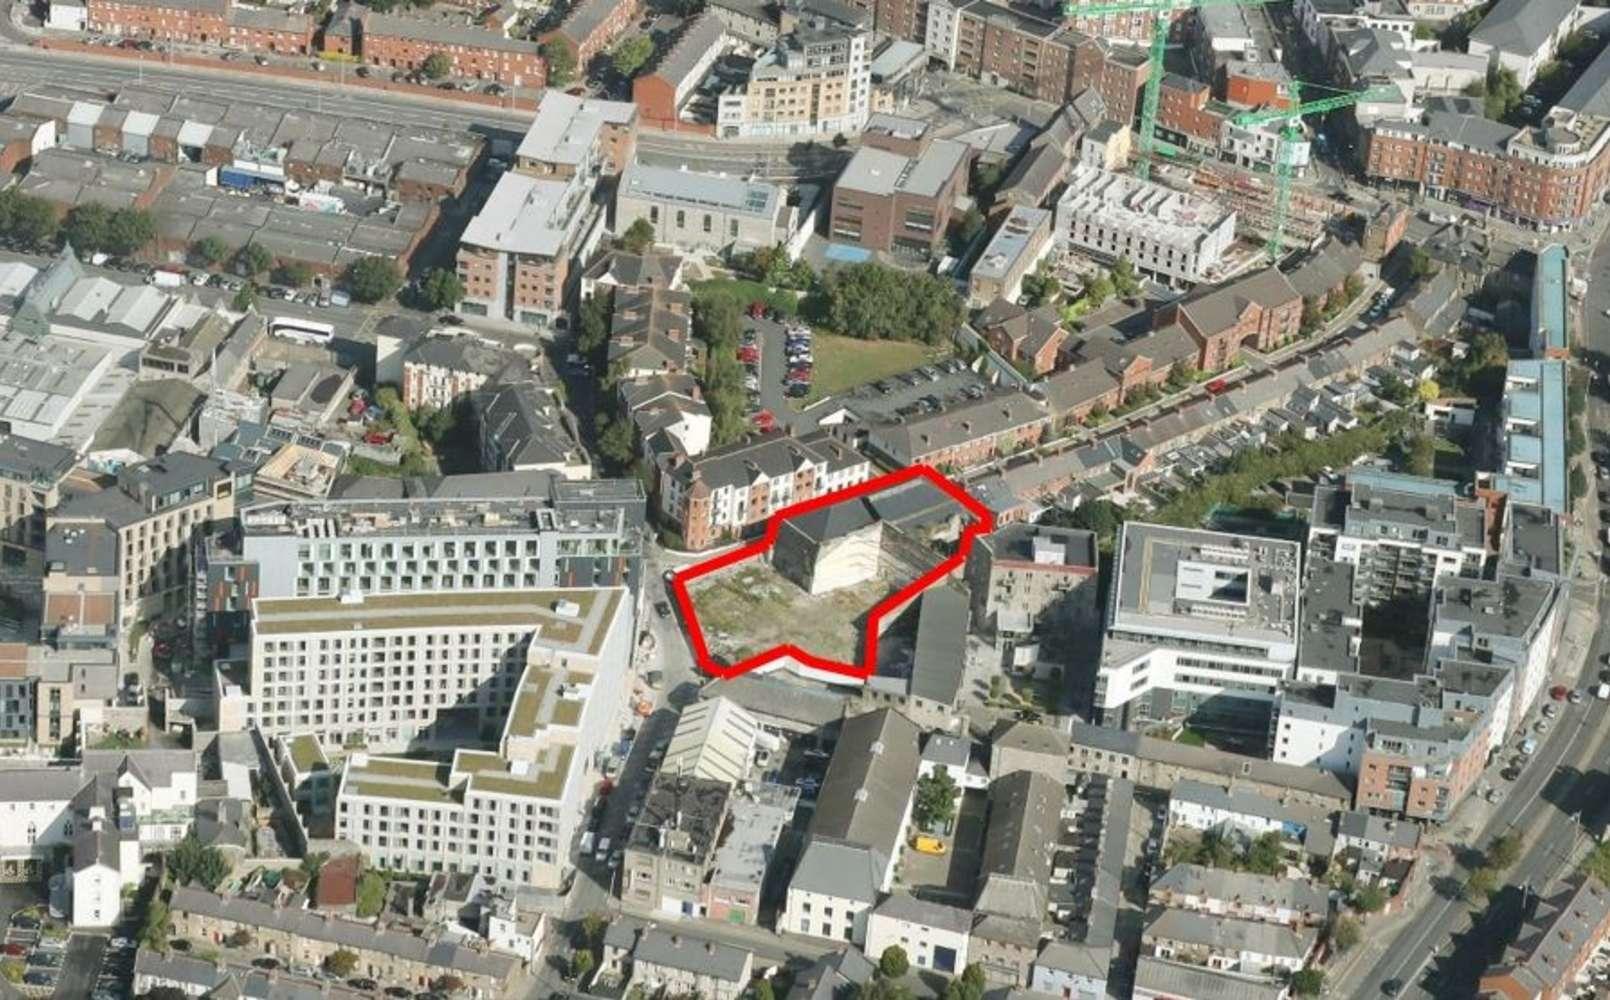 Hotels & hospitality Dublin 8,  - 55 Fumbally